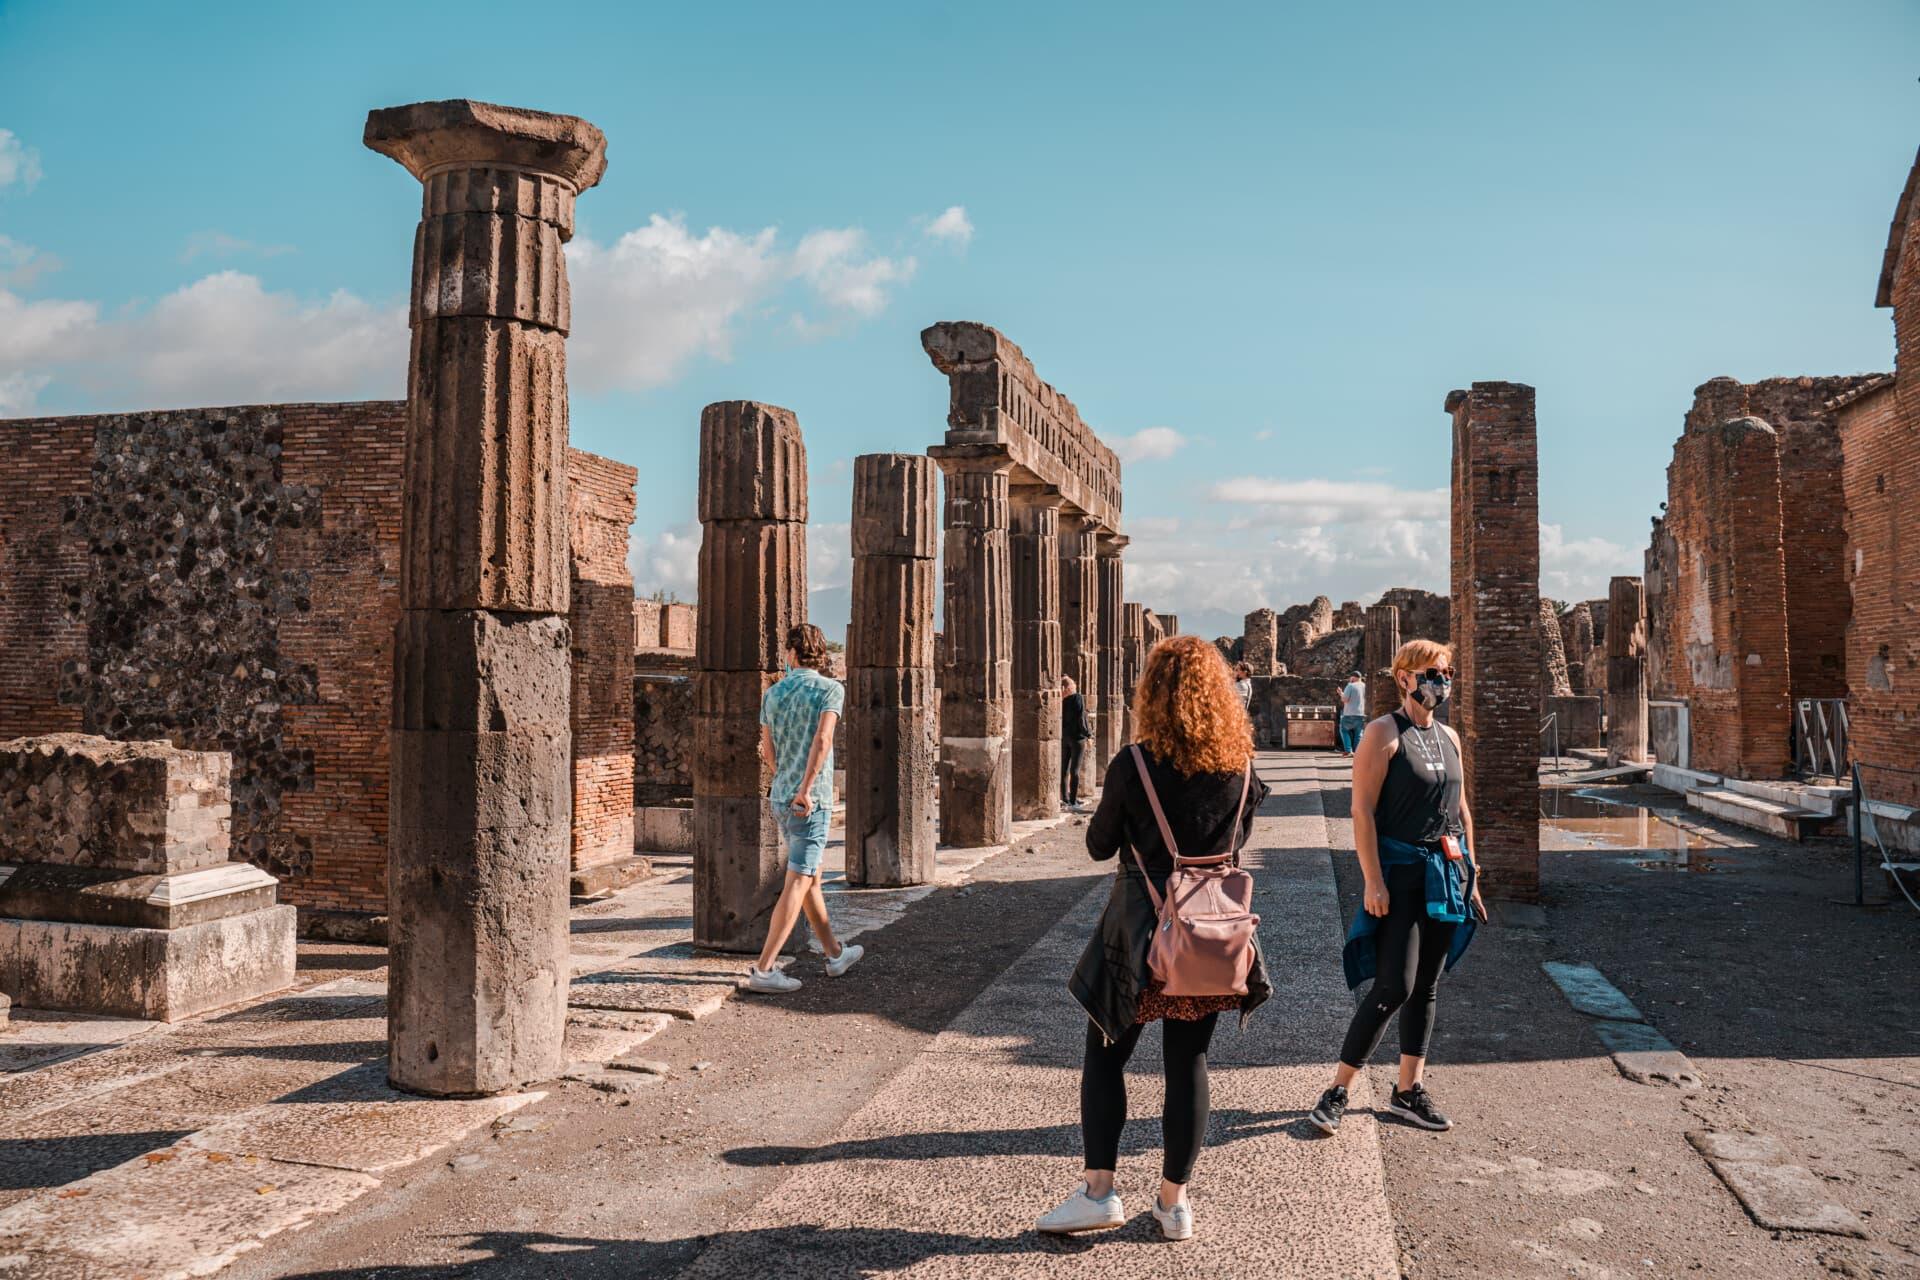 Pompei 08 - Pompeï bezoeken: alles dat je moet weten | Bezienswaardigheden & tips!